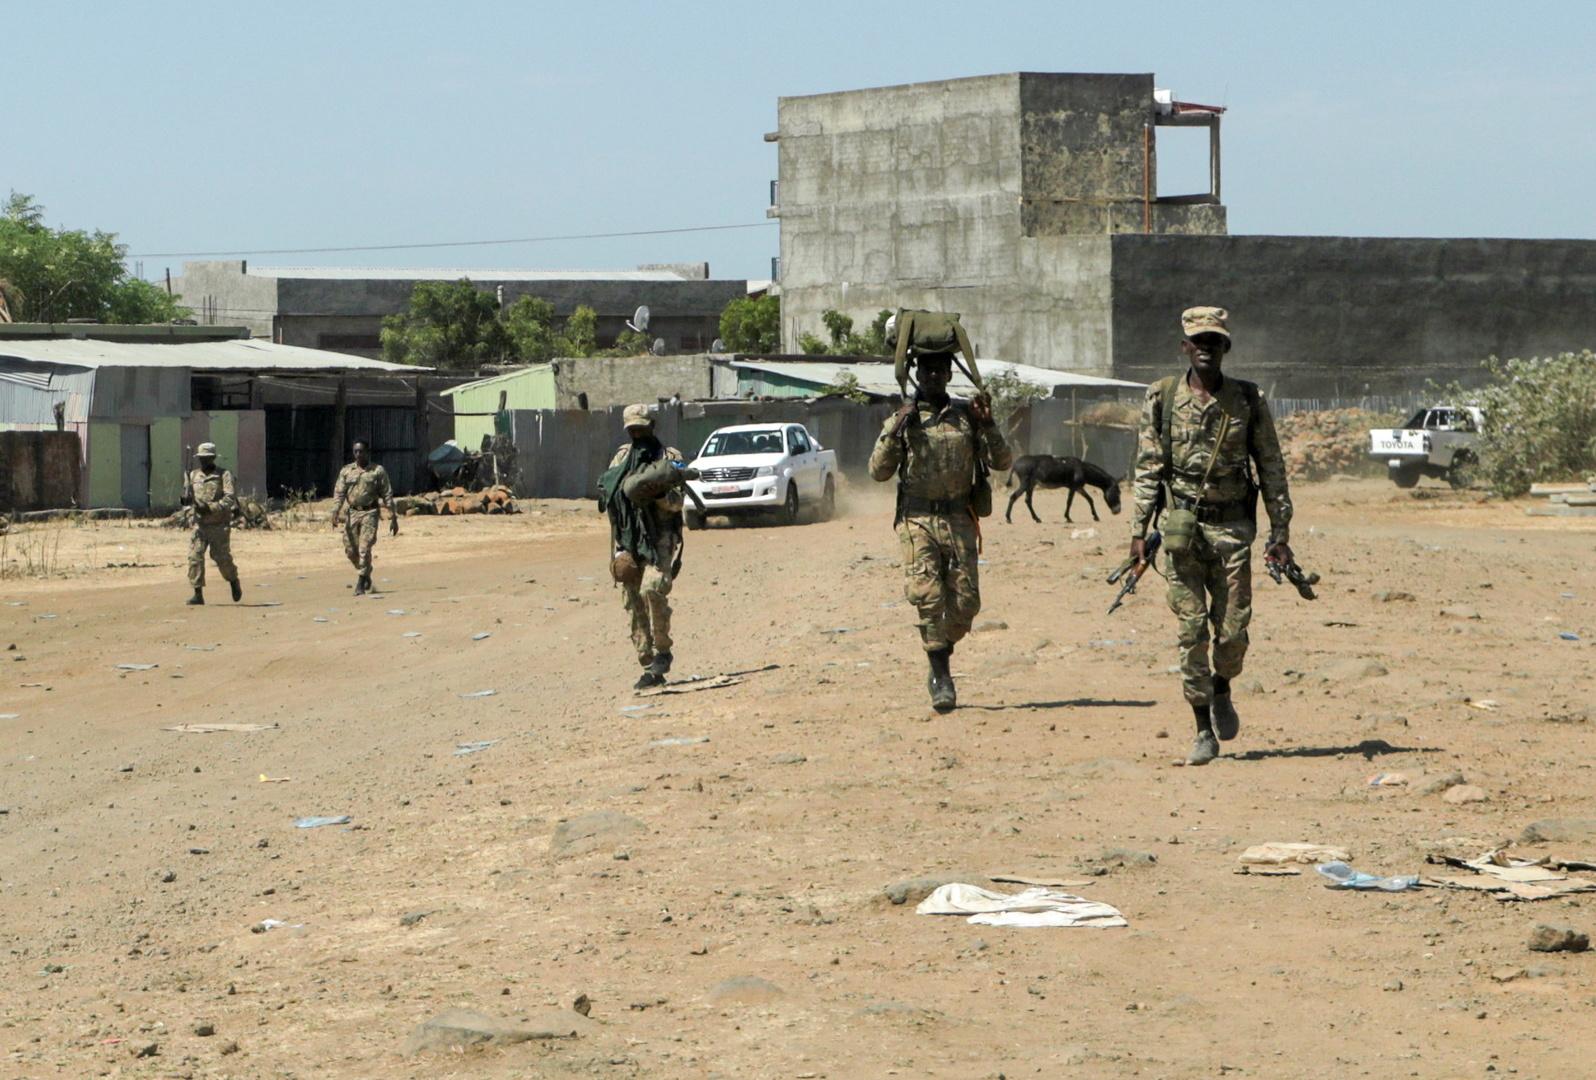 حكومة إثيوبيا تعلن تقدم قواتها نحو عاصمة إقليم تيغراي المتمرد